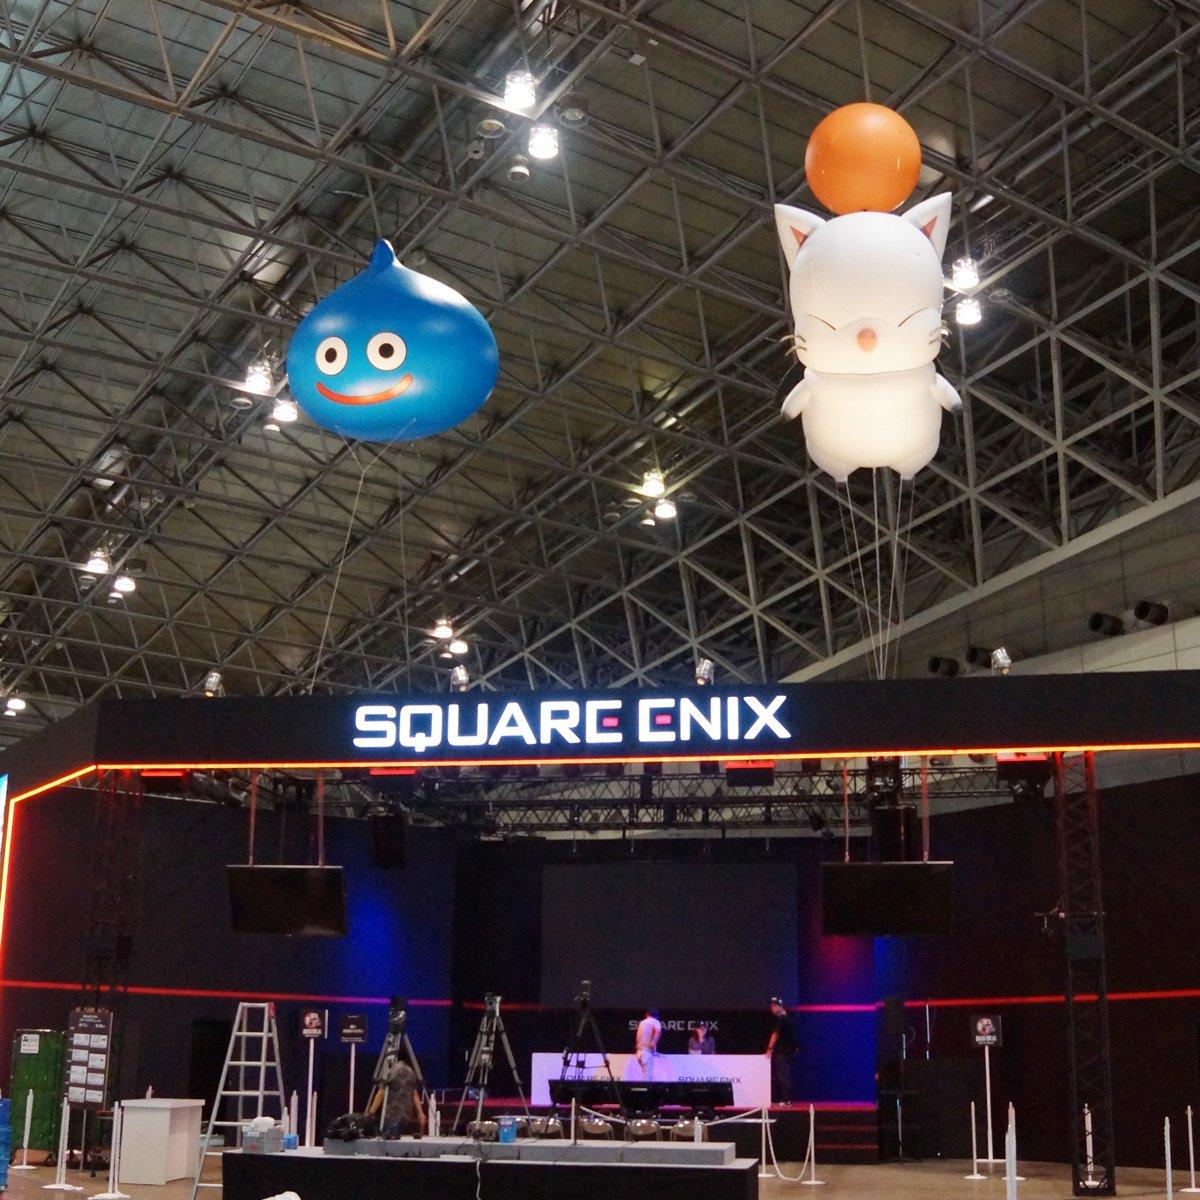 いよいよ明日から「東京ゲームショウ2016」開催です! ブースの設営もほぼ終わりました。今年のスクエニブースはスライムとモーグリのバルーンが目印! #TGS2016 https://t.co/8uxc22gN20